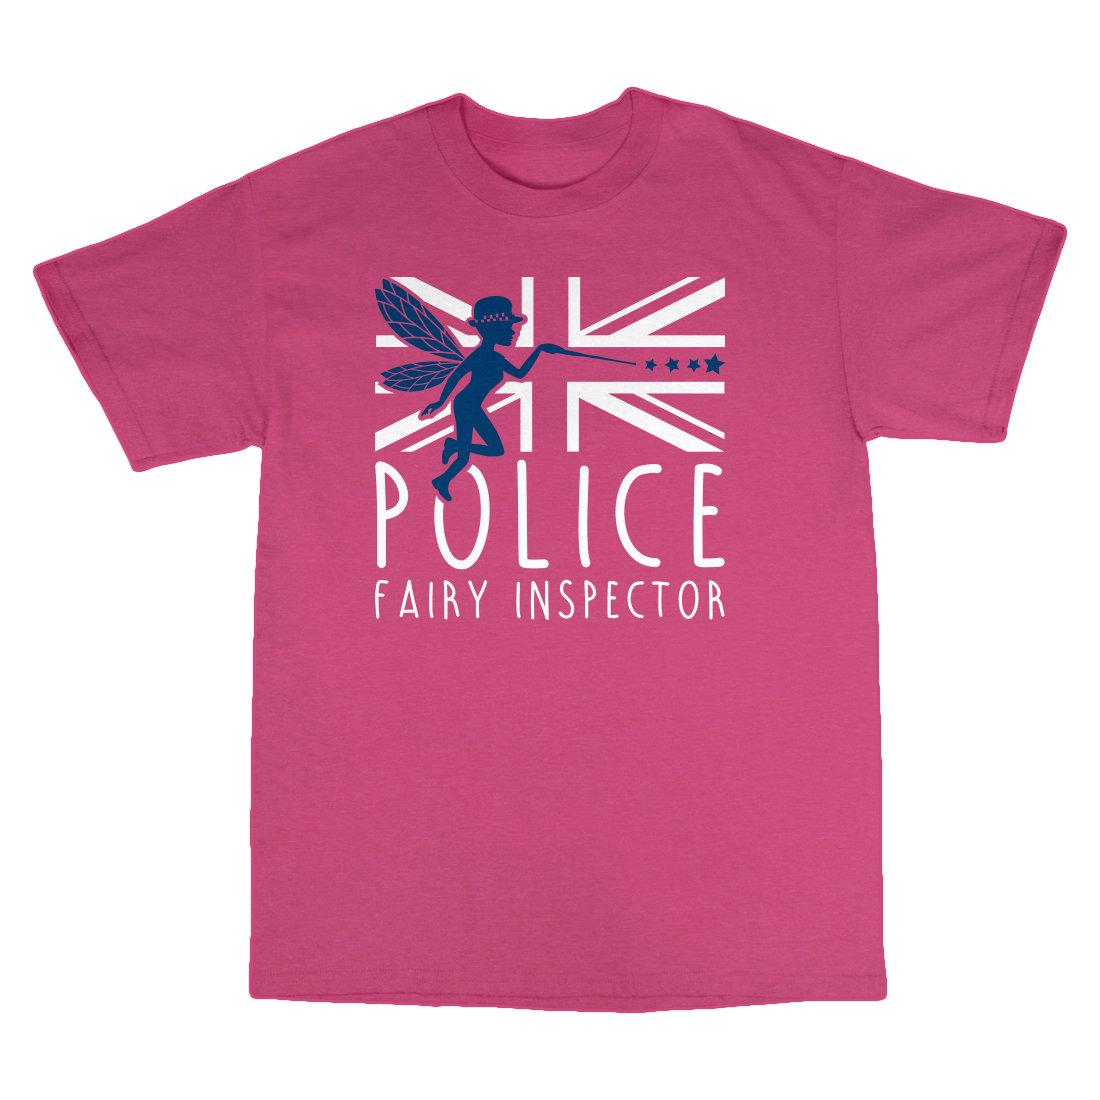 Children's 'Fairy Inspector' T-Shirt FairyInspectorT